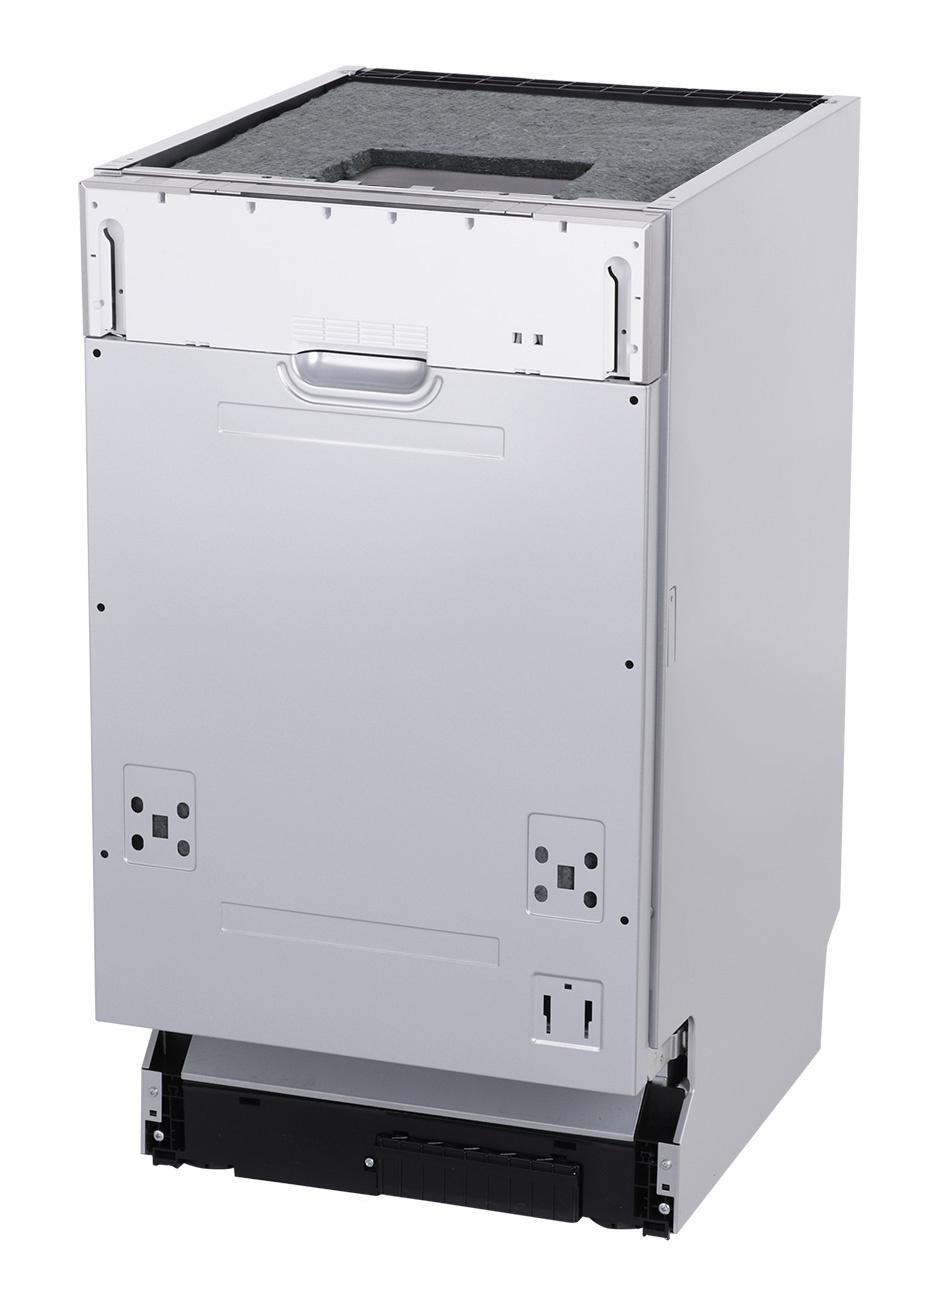 Посудомоечная машина Hyundai HBD 480 2100Вт узкая серебристый